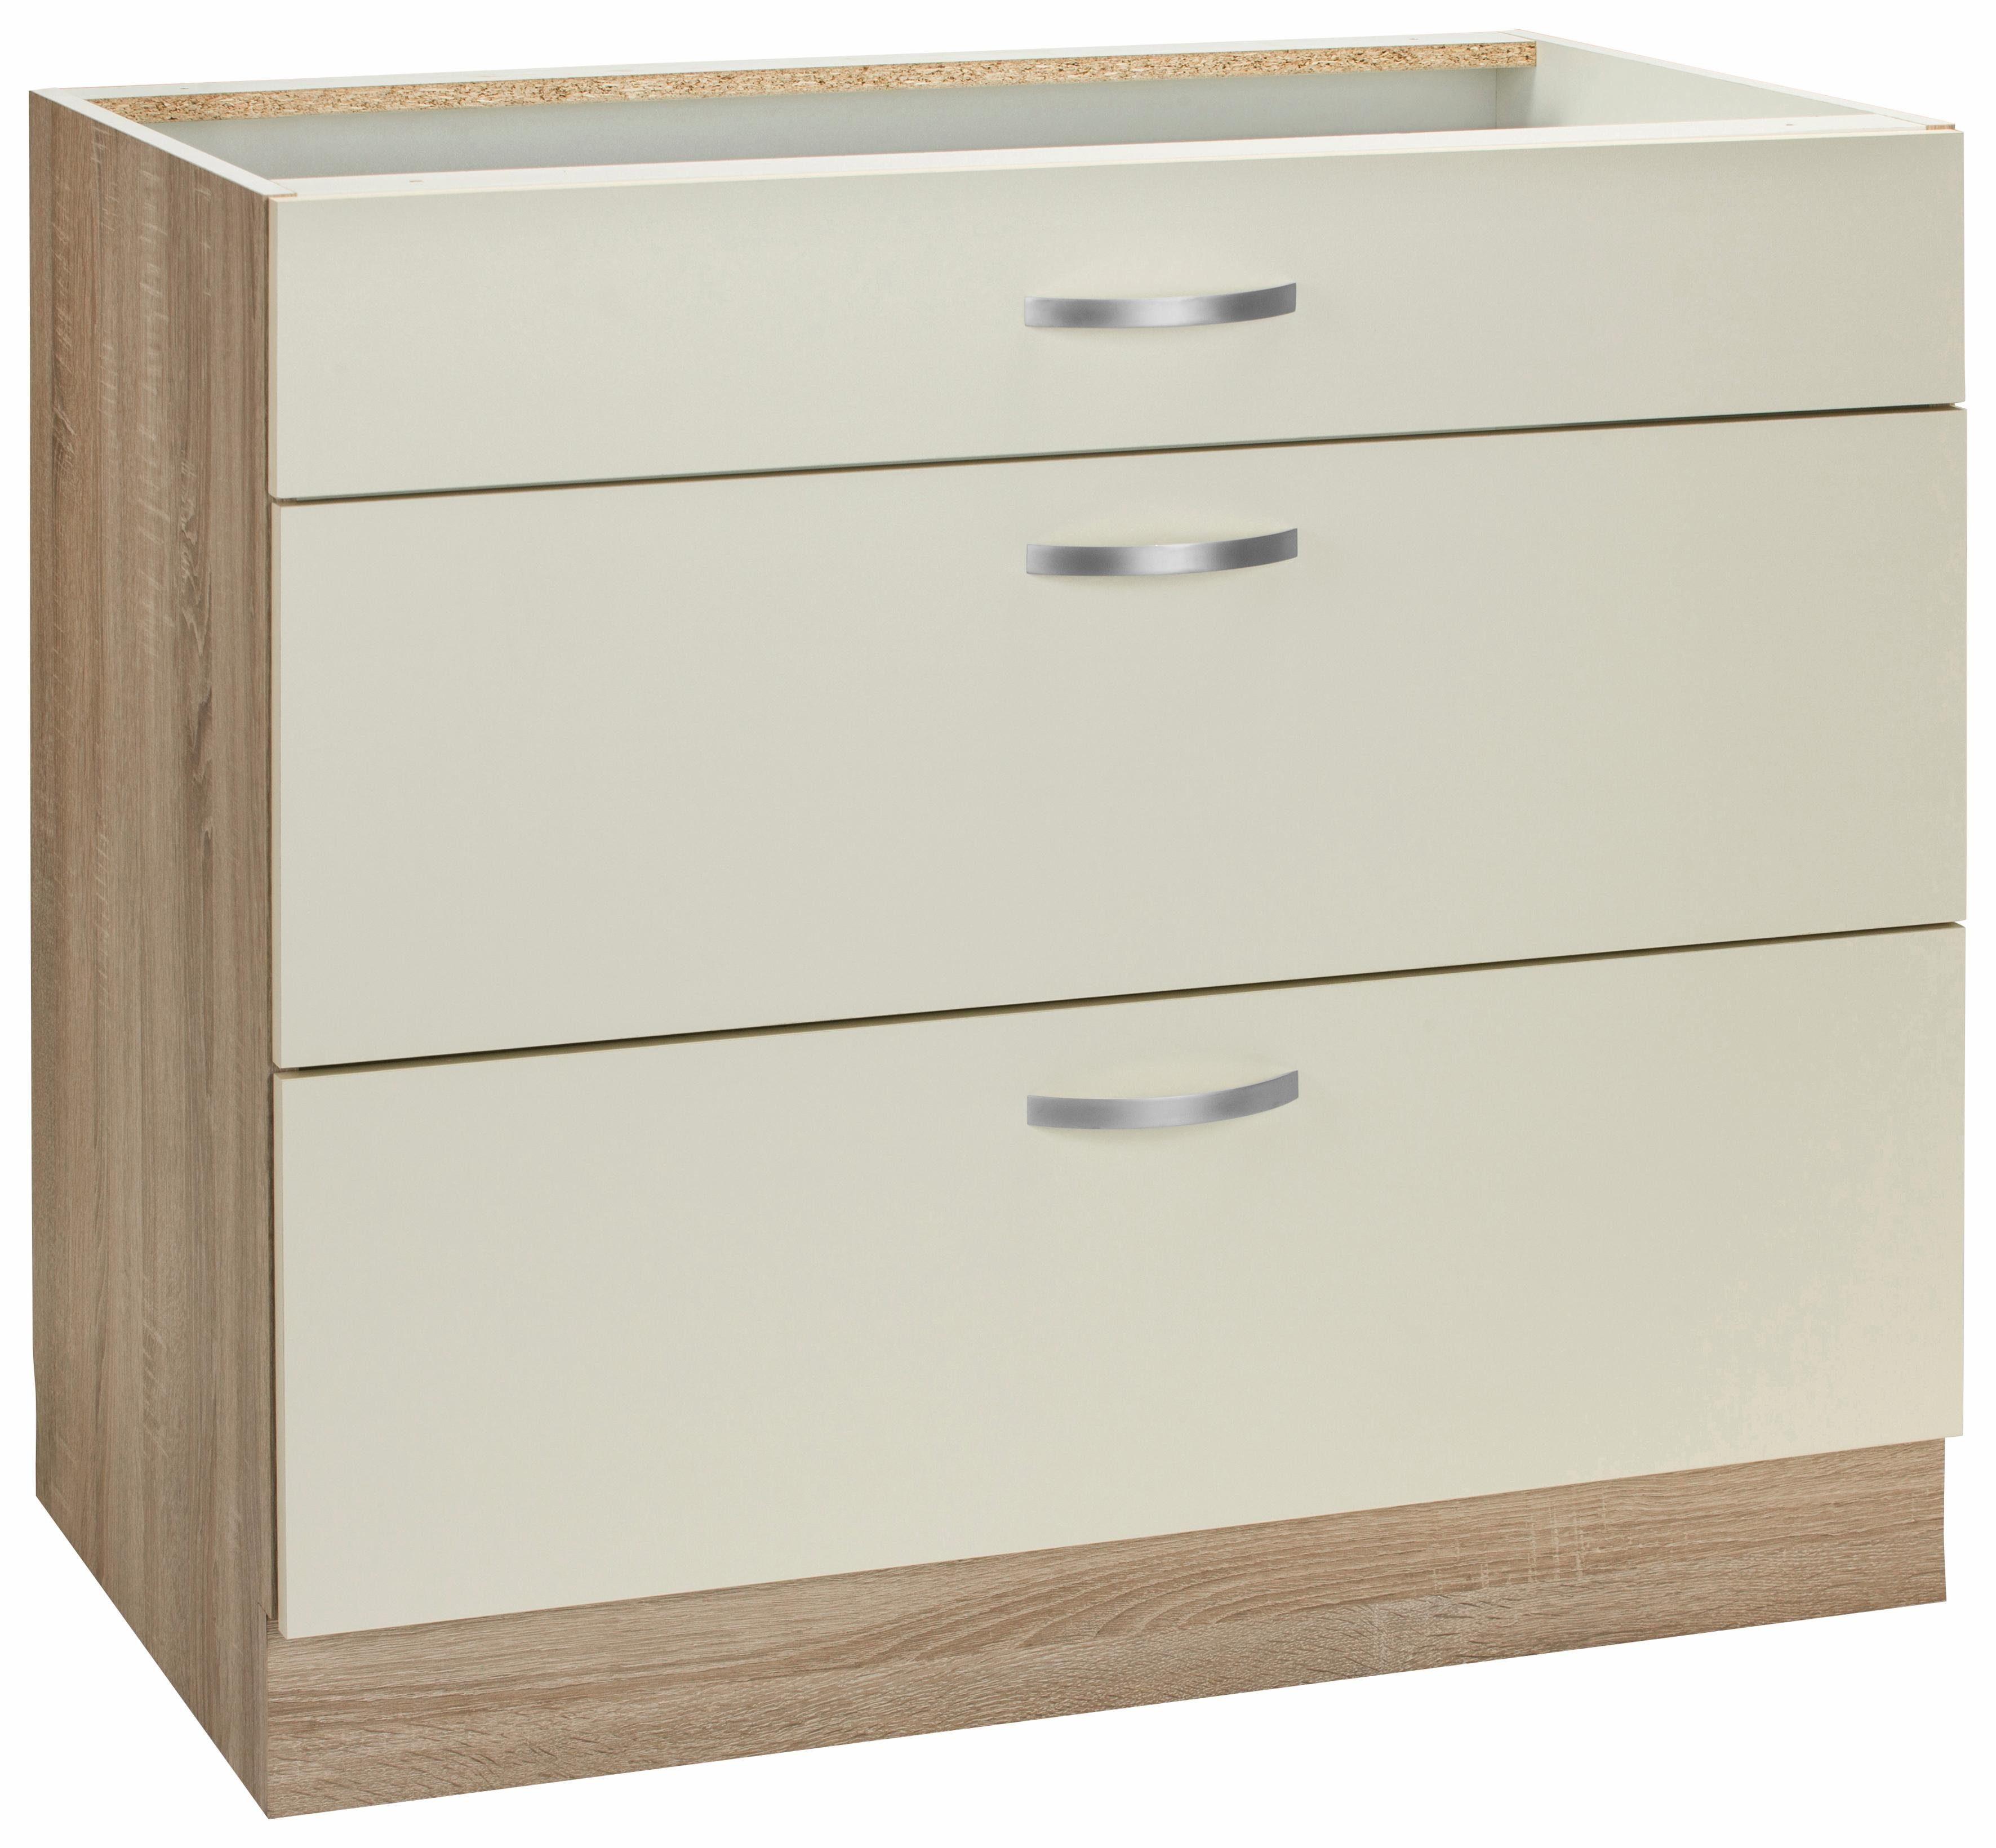 Neu Beautiful Küchenschrank Mit Schubladen Photos - Home Design Ideas  CU91